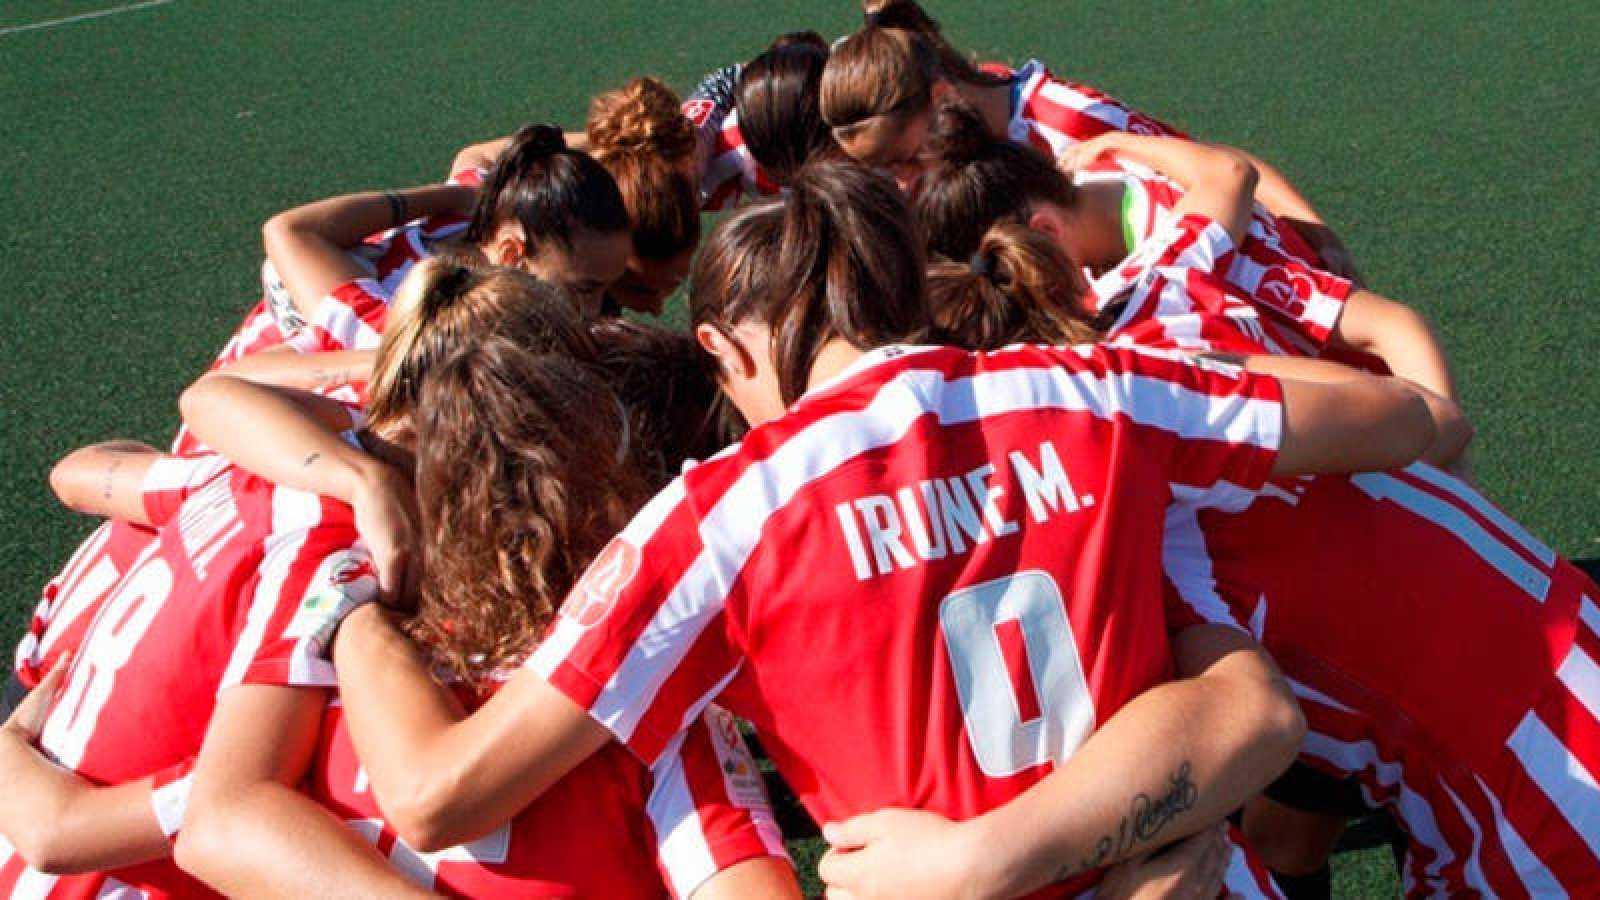 La huelga del fútbol femenino será el 2 y 3 de noviembre